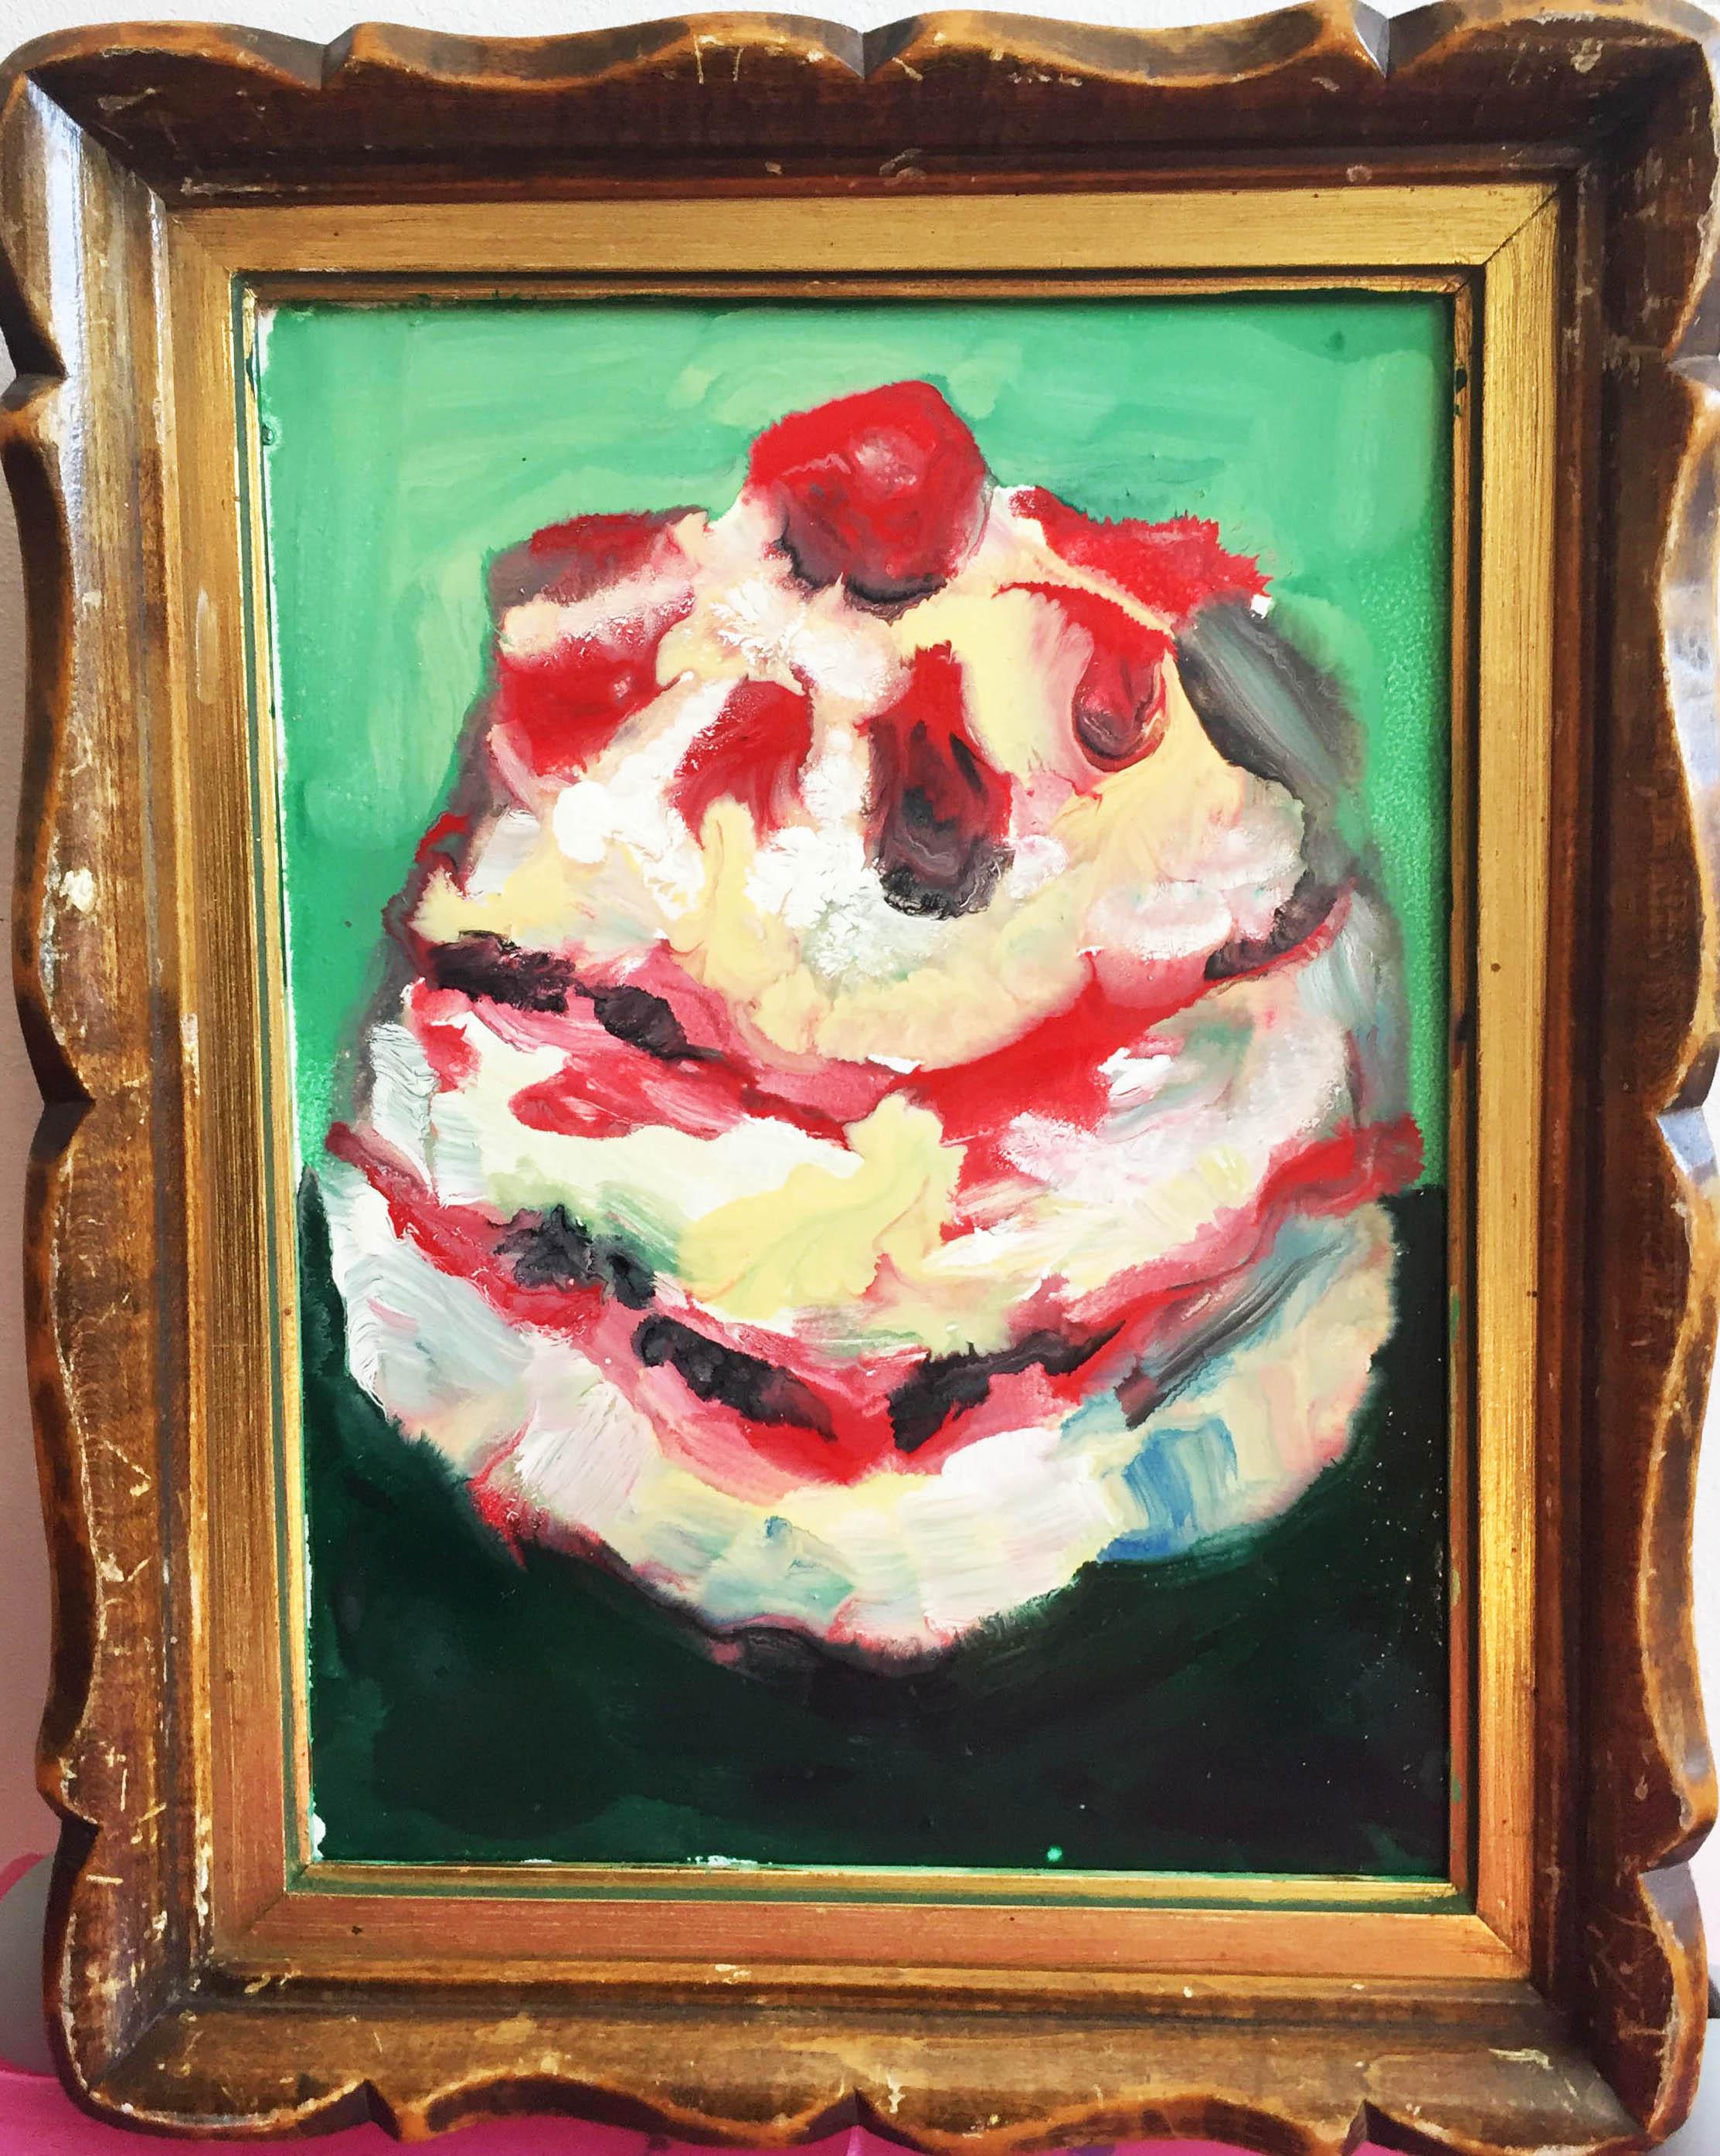 Mille feuille fraise 24x18cm